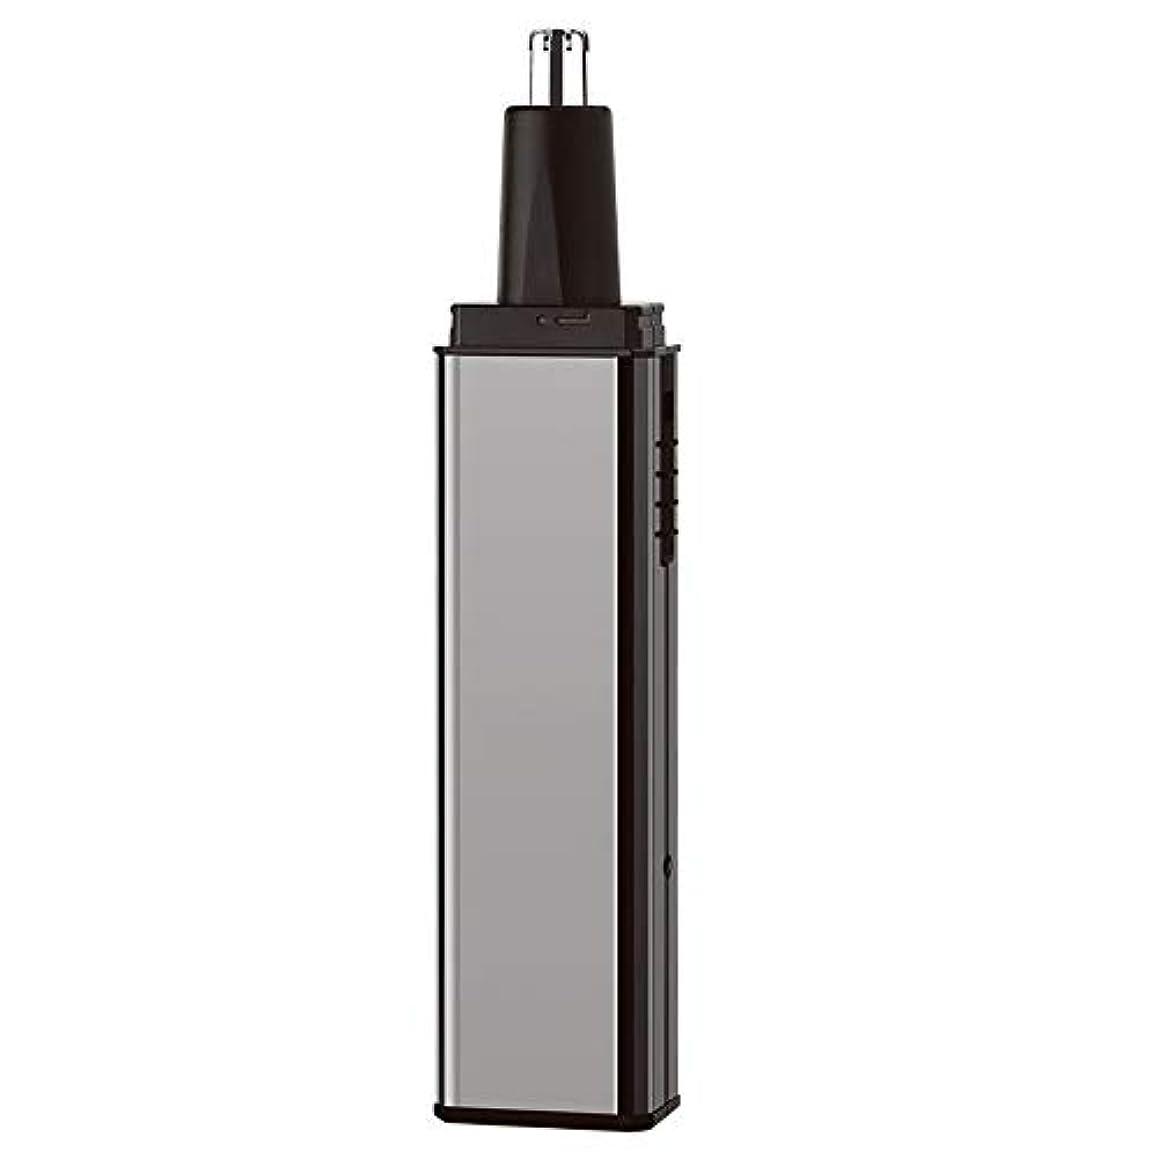 コンクリート水差しジュラシックパーク鼻毛トリマー-多機能スーツフォーインワン/電気鼻毛トリマー/ステンレススチール/多機能/ 13.5 * 2.7cm 使いやすい